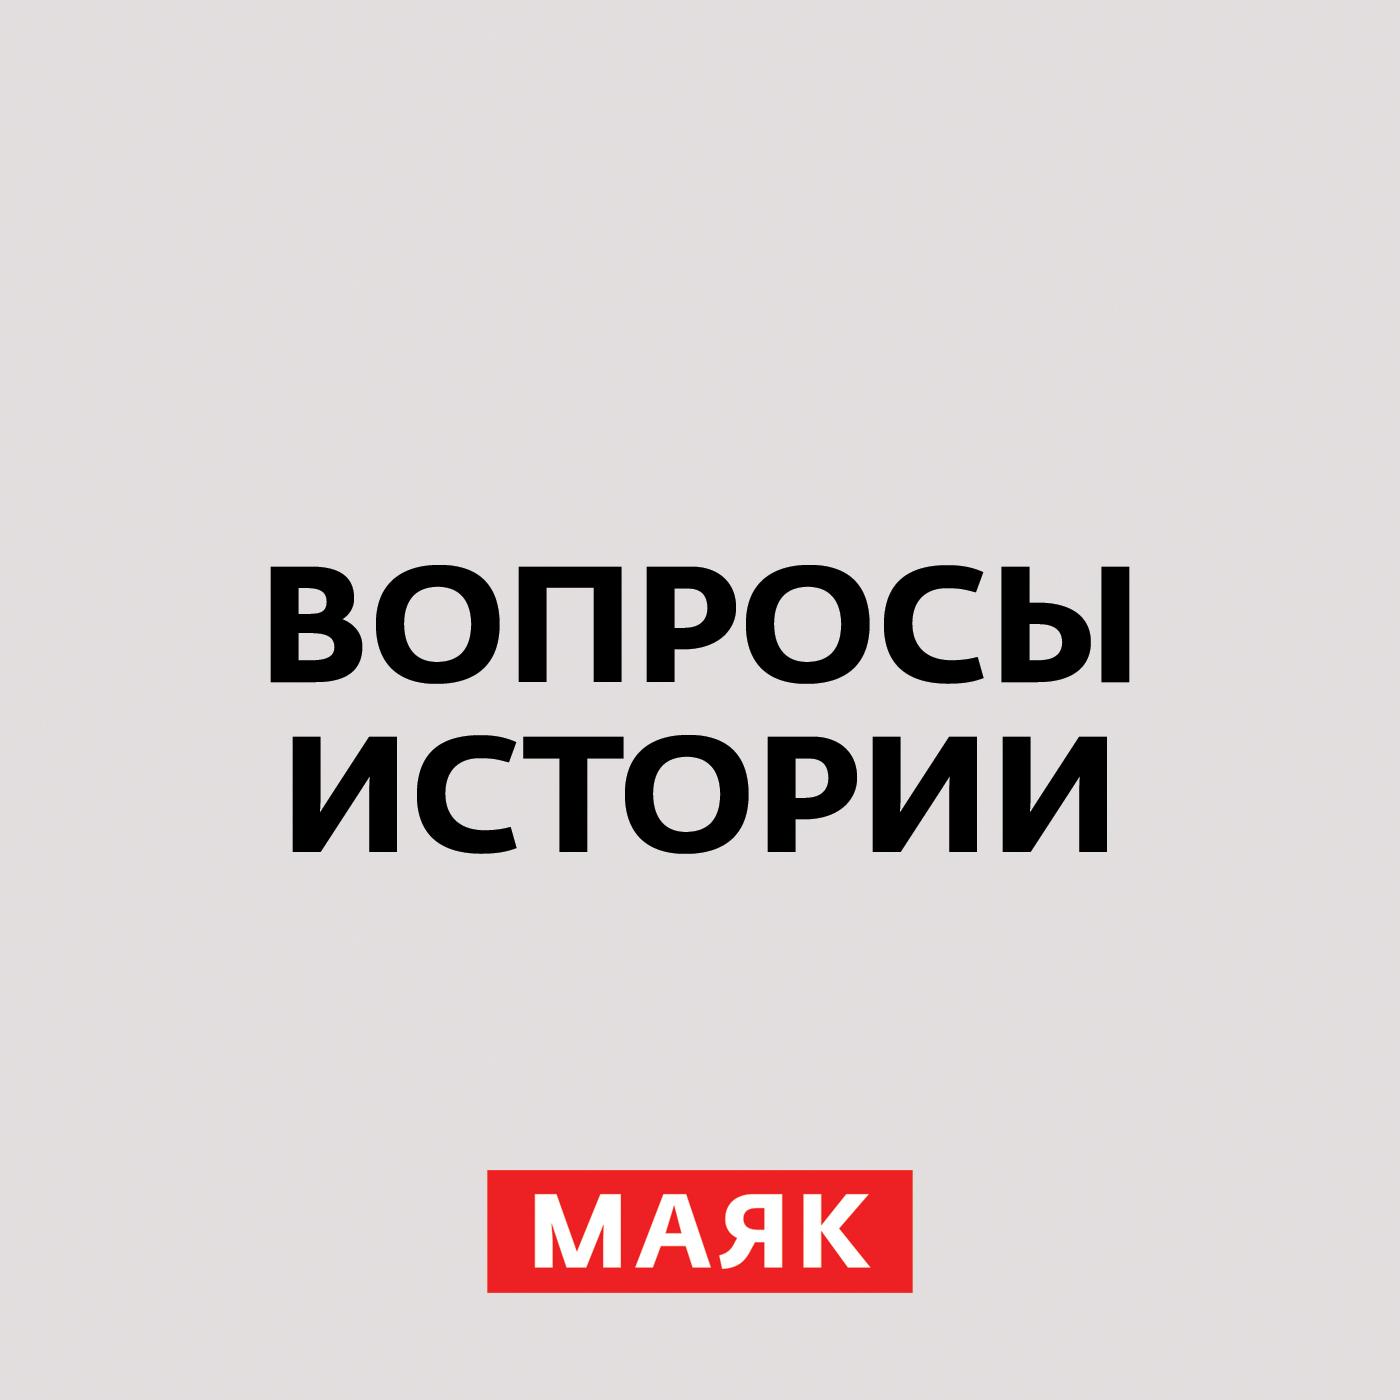 все цены на Андрей Светенко Дело без срока давности. Кто убил Кирова? Часть 2 онлайн